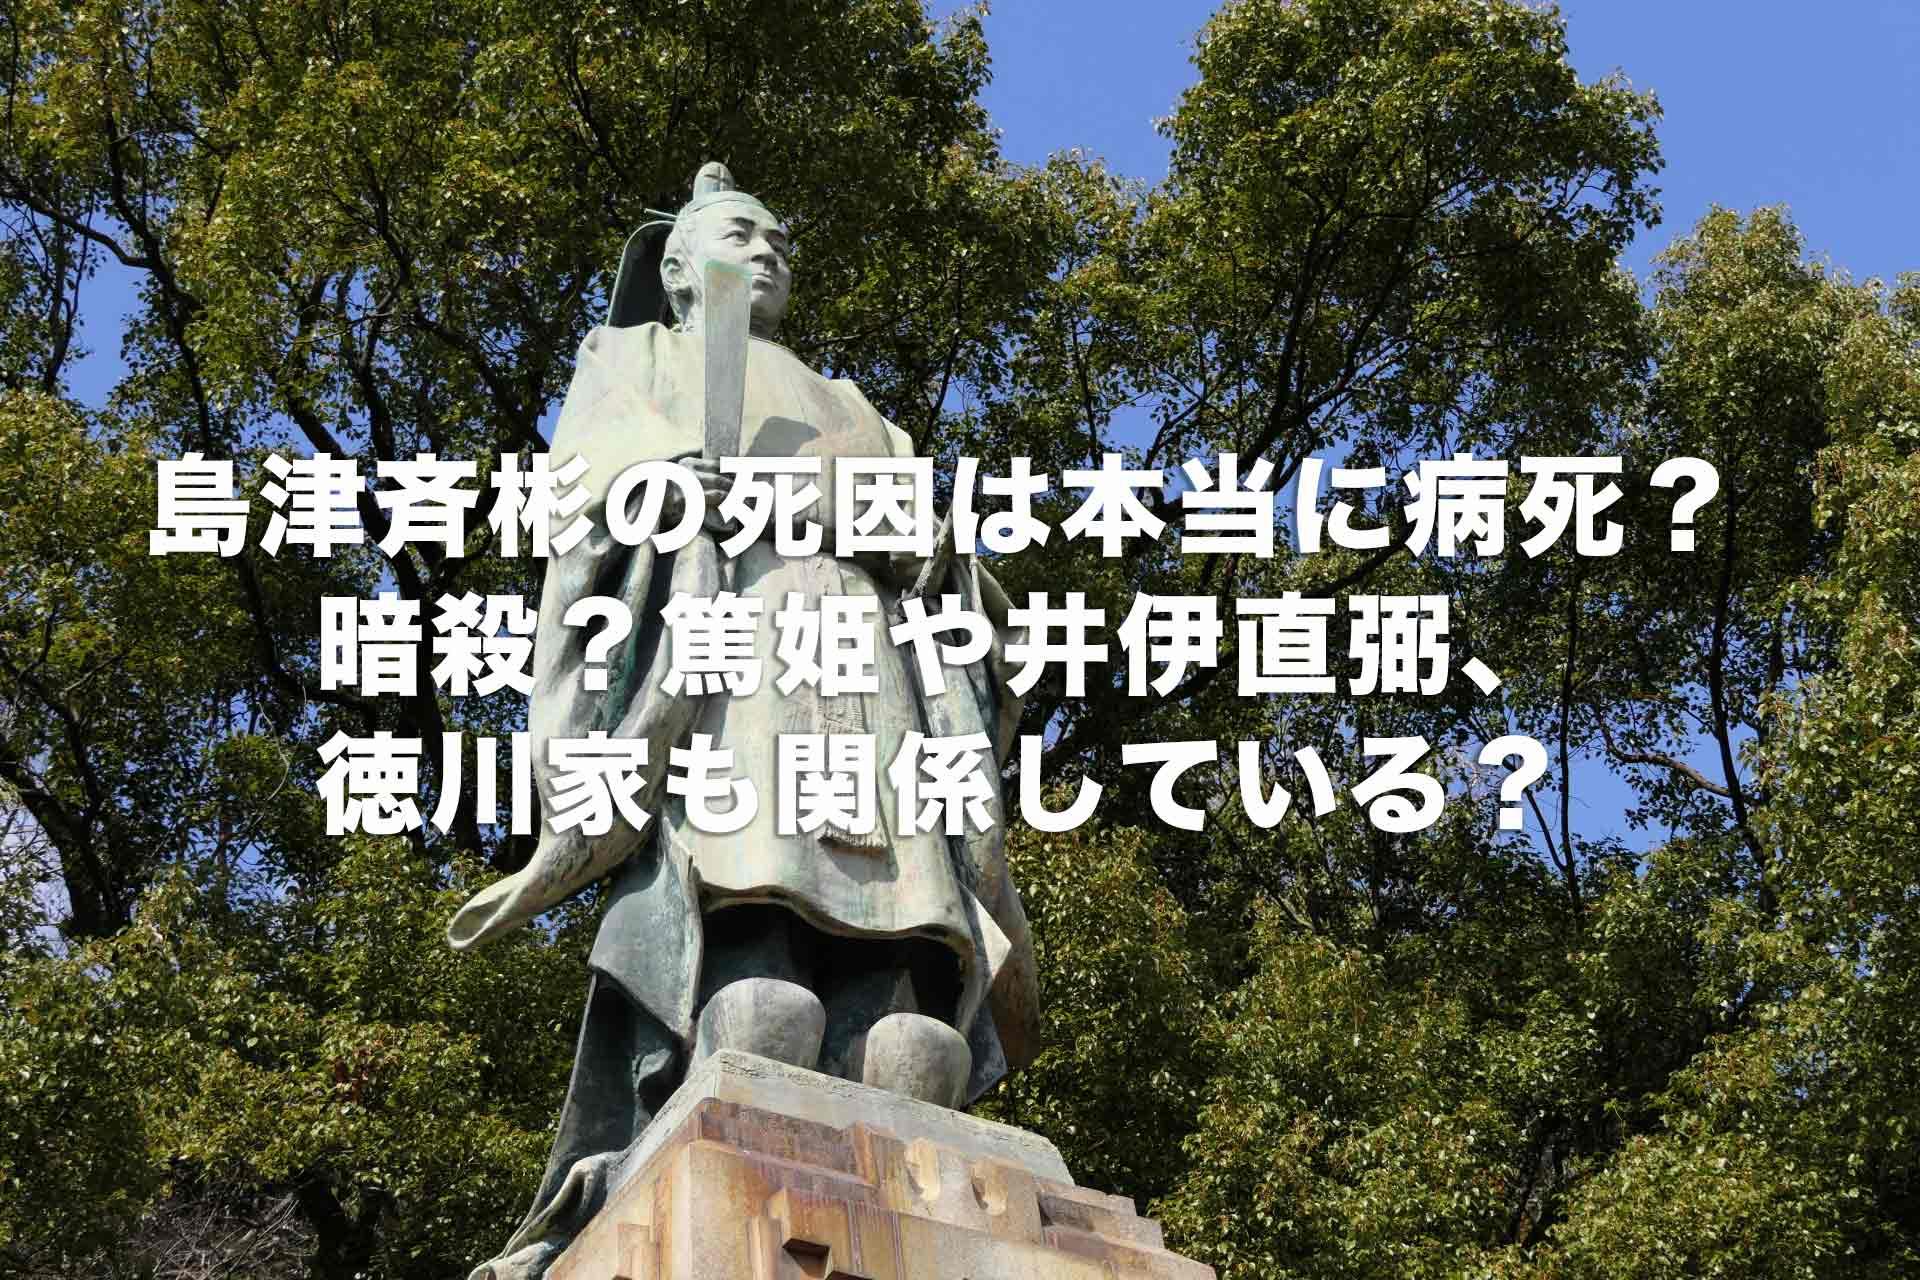 島津斉彬の死因は本当に病死?暗殺?篤姫や井伊直弼、徳川家も関係している?